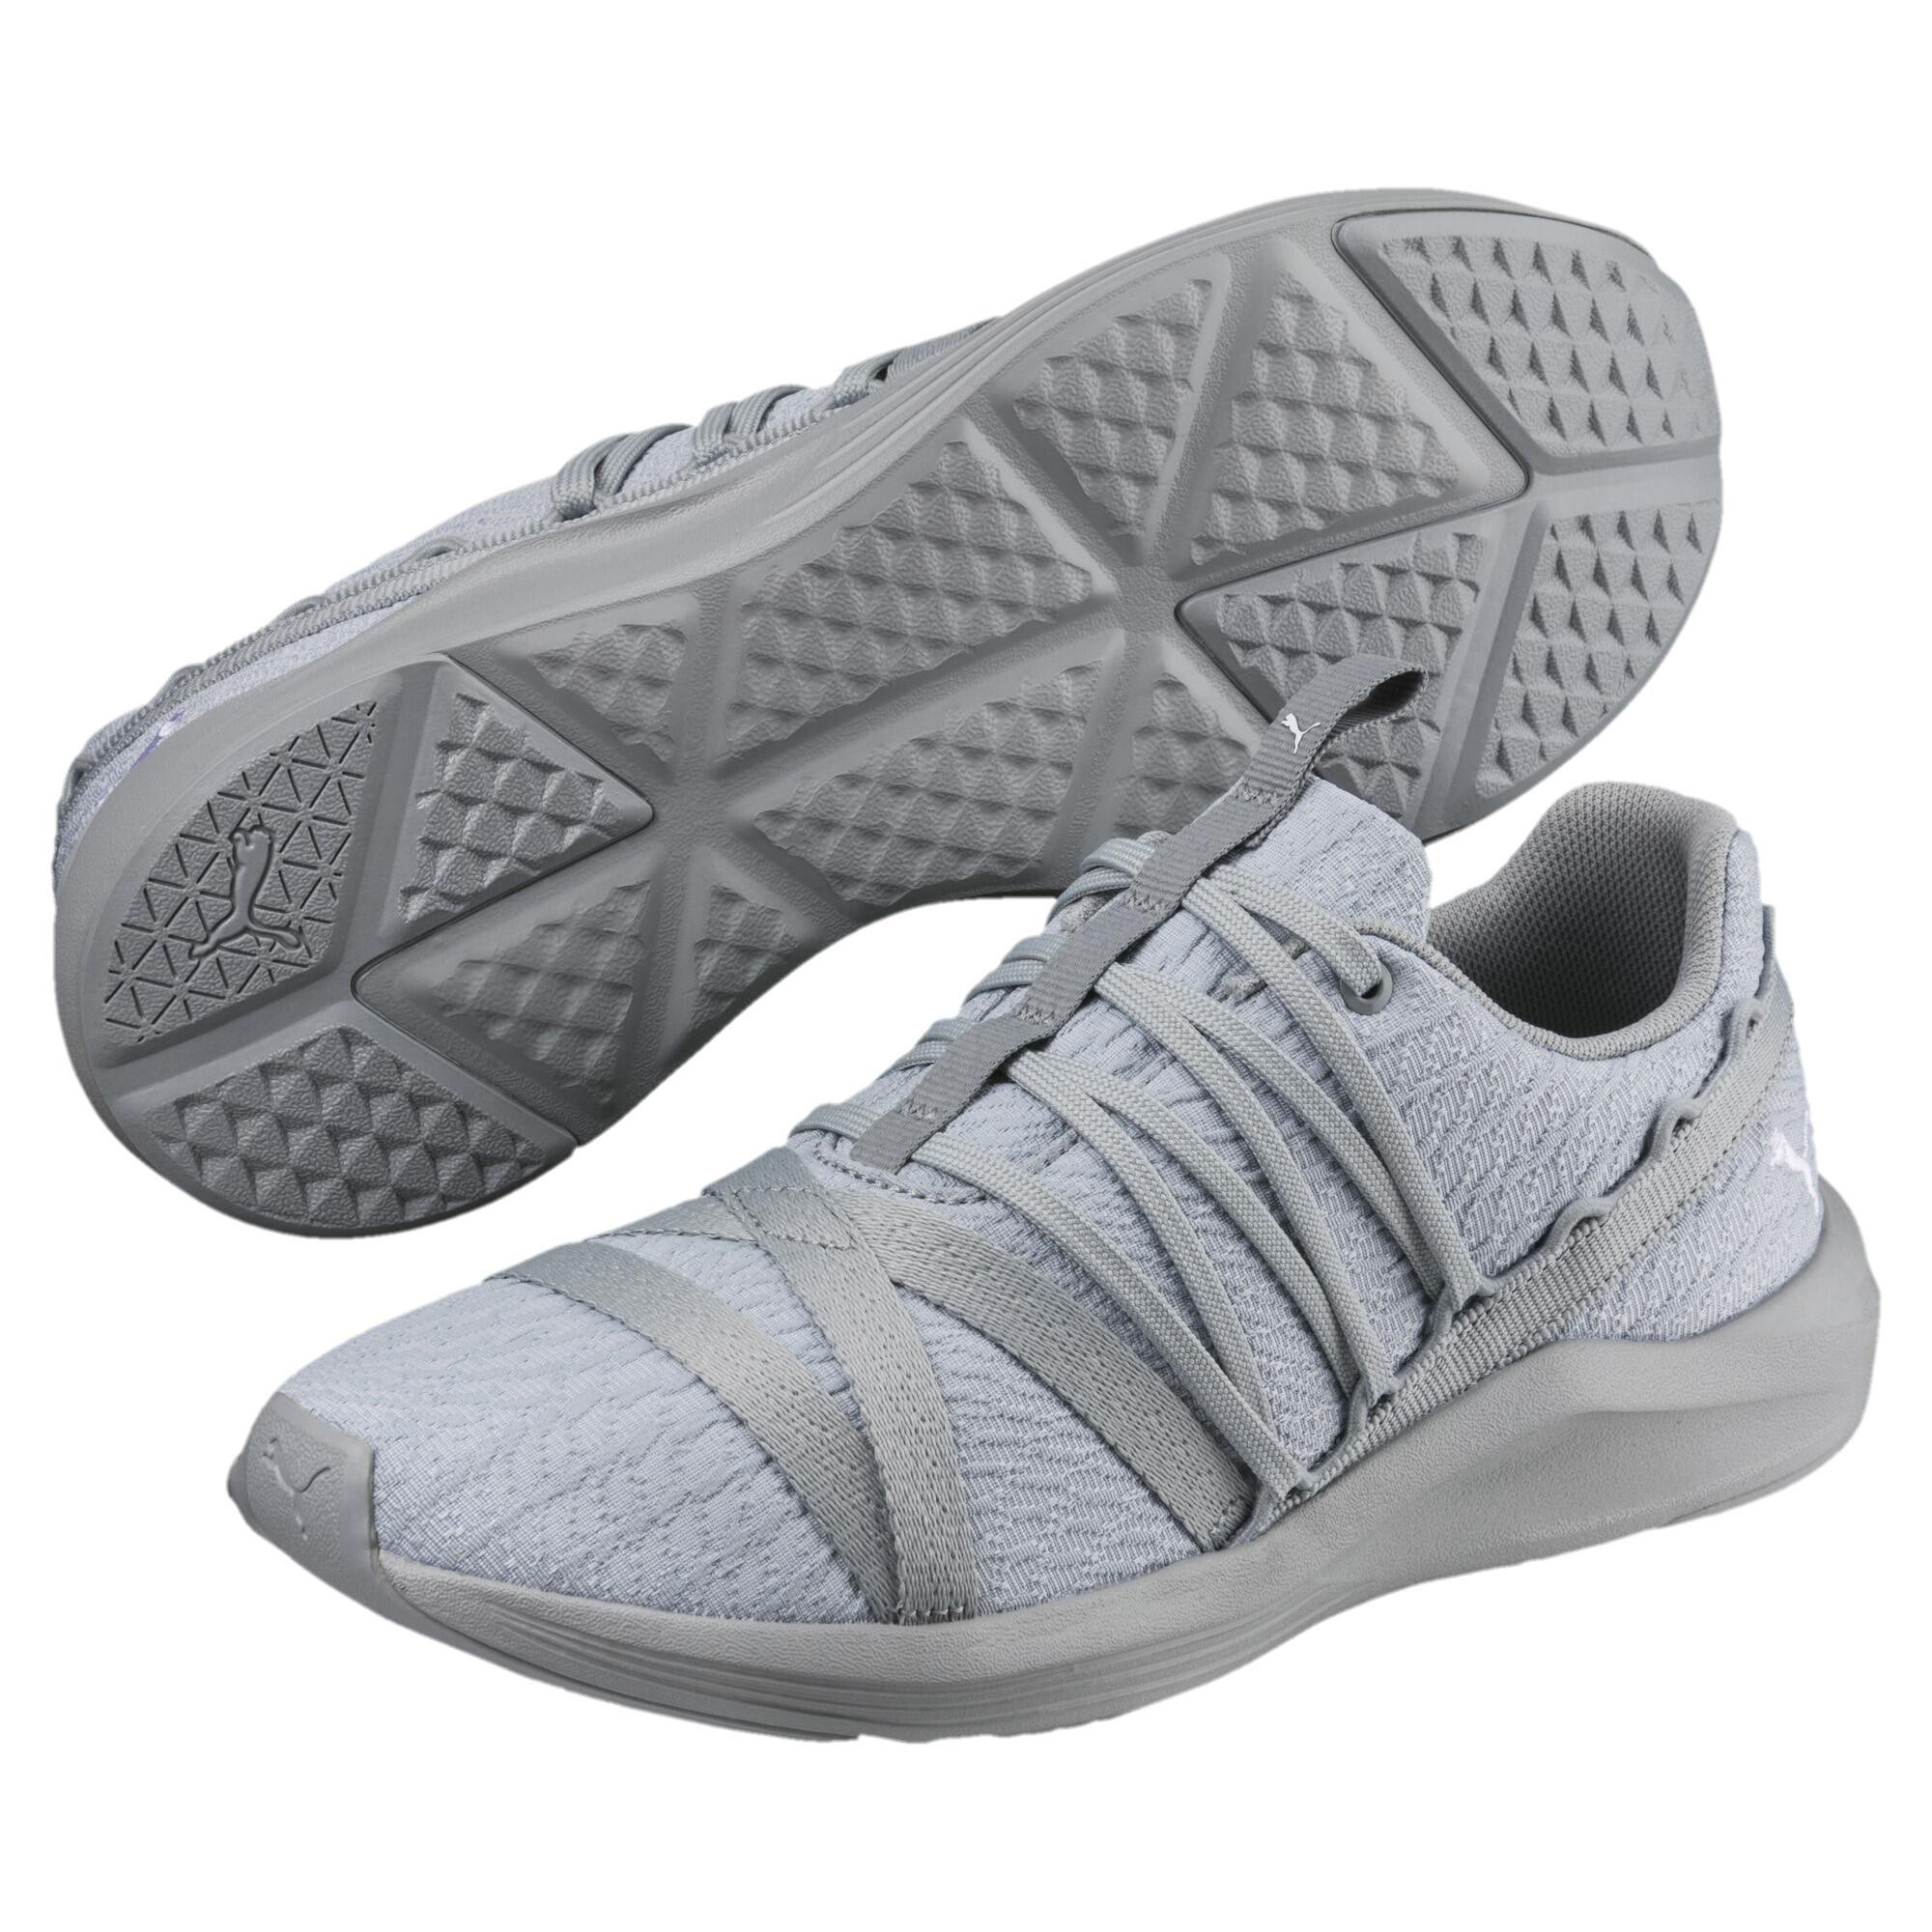 d421d5731 PUMA Prowl Alt 2 Women s Training Shoes Women Shoe Training